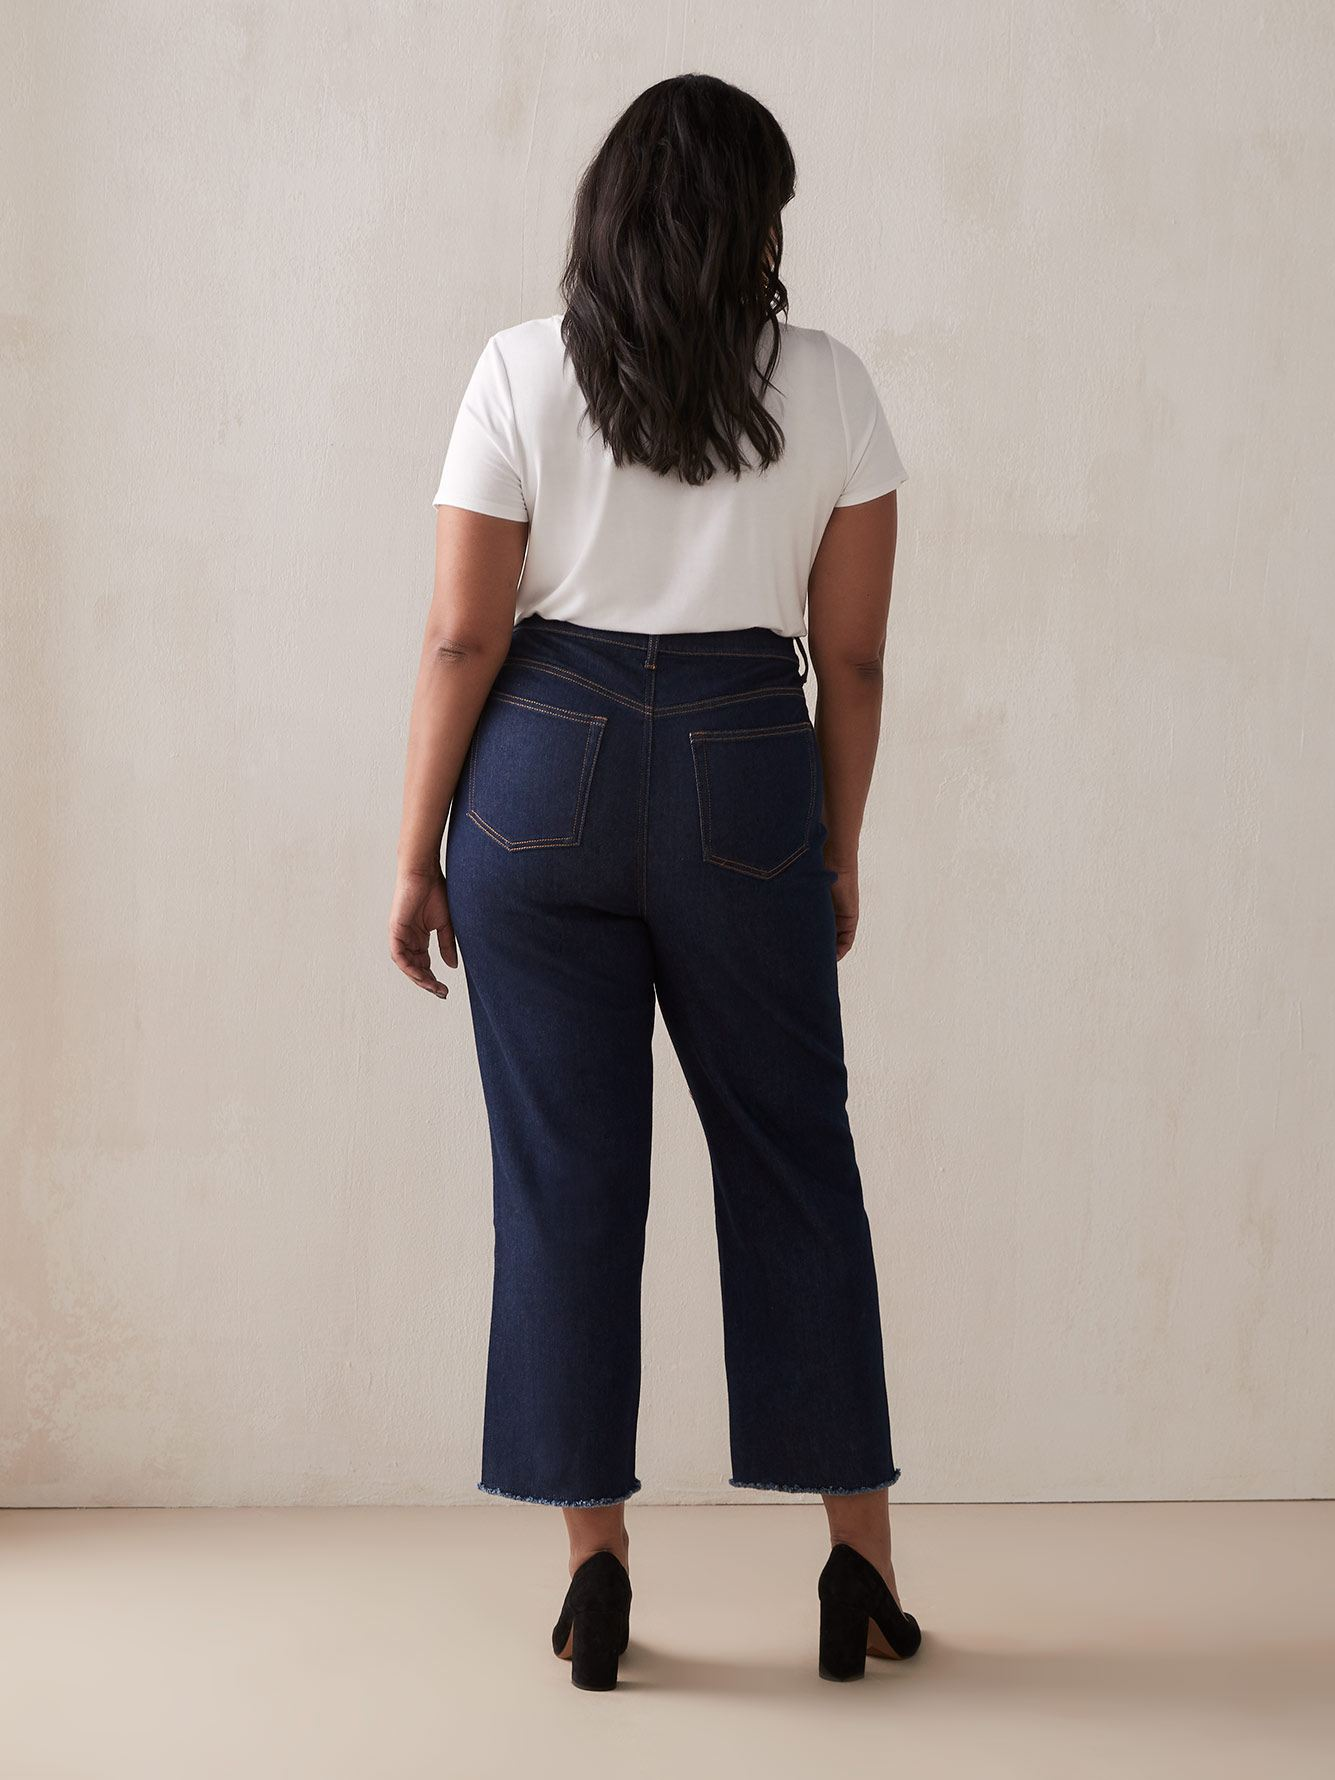 Straight Cropped Dark Jean - Addition Elle